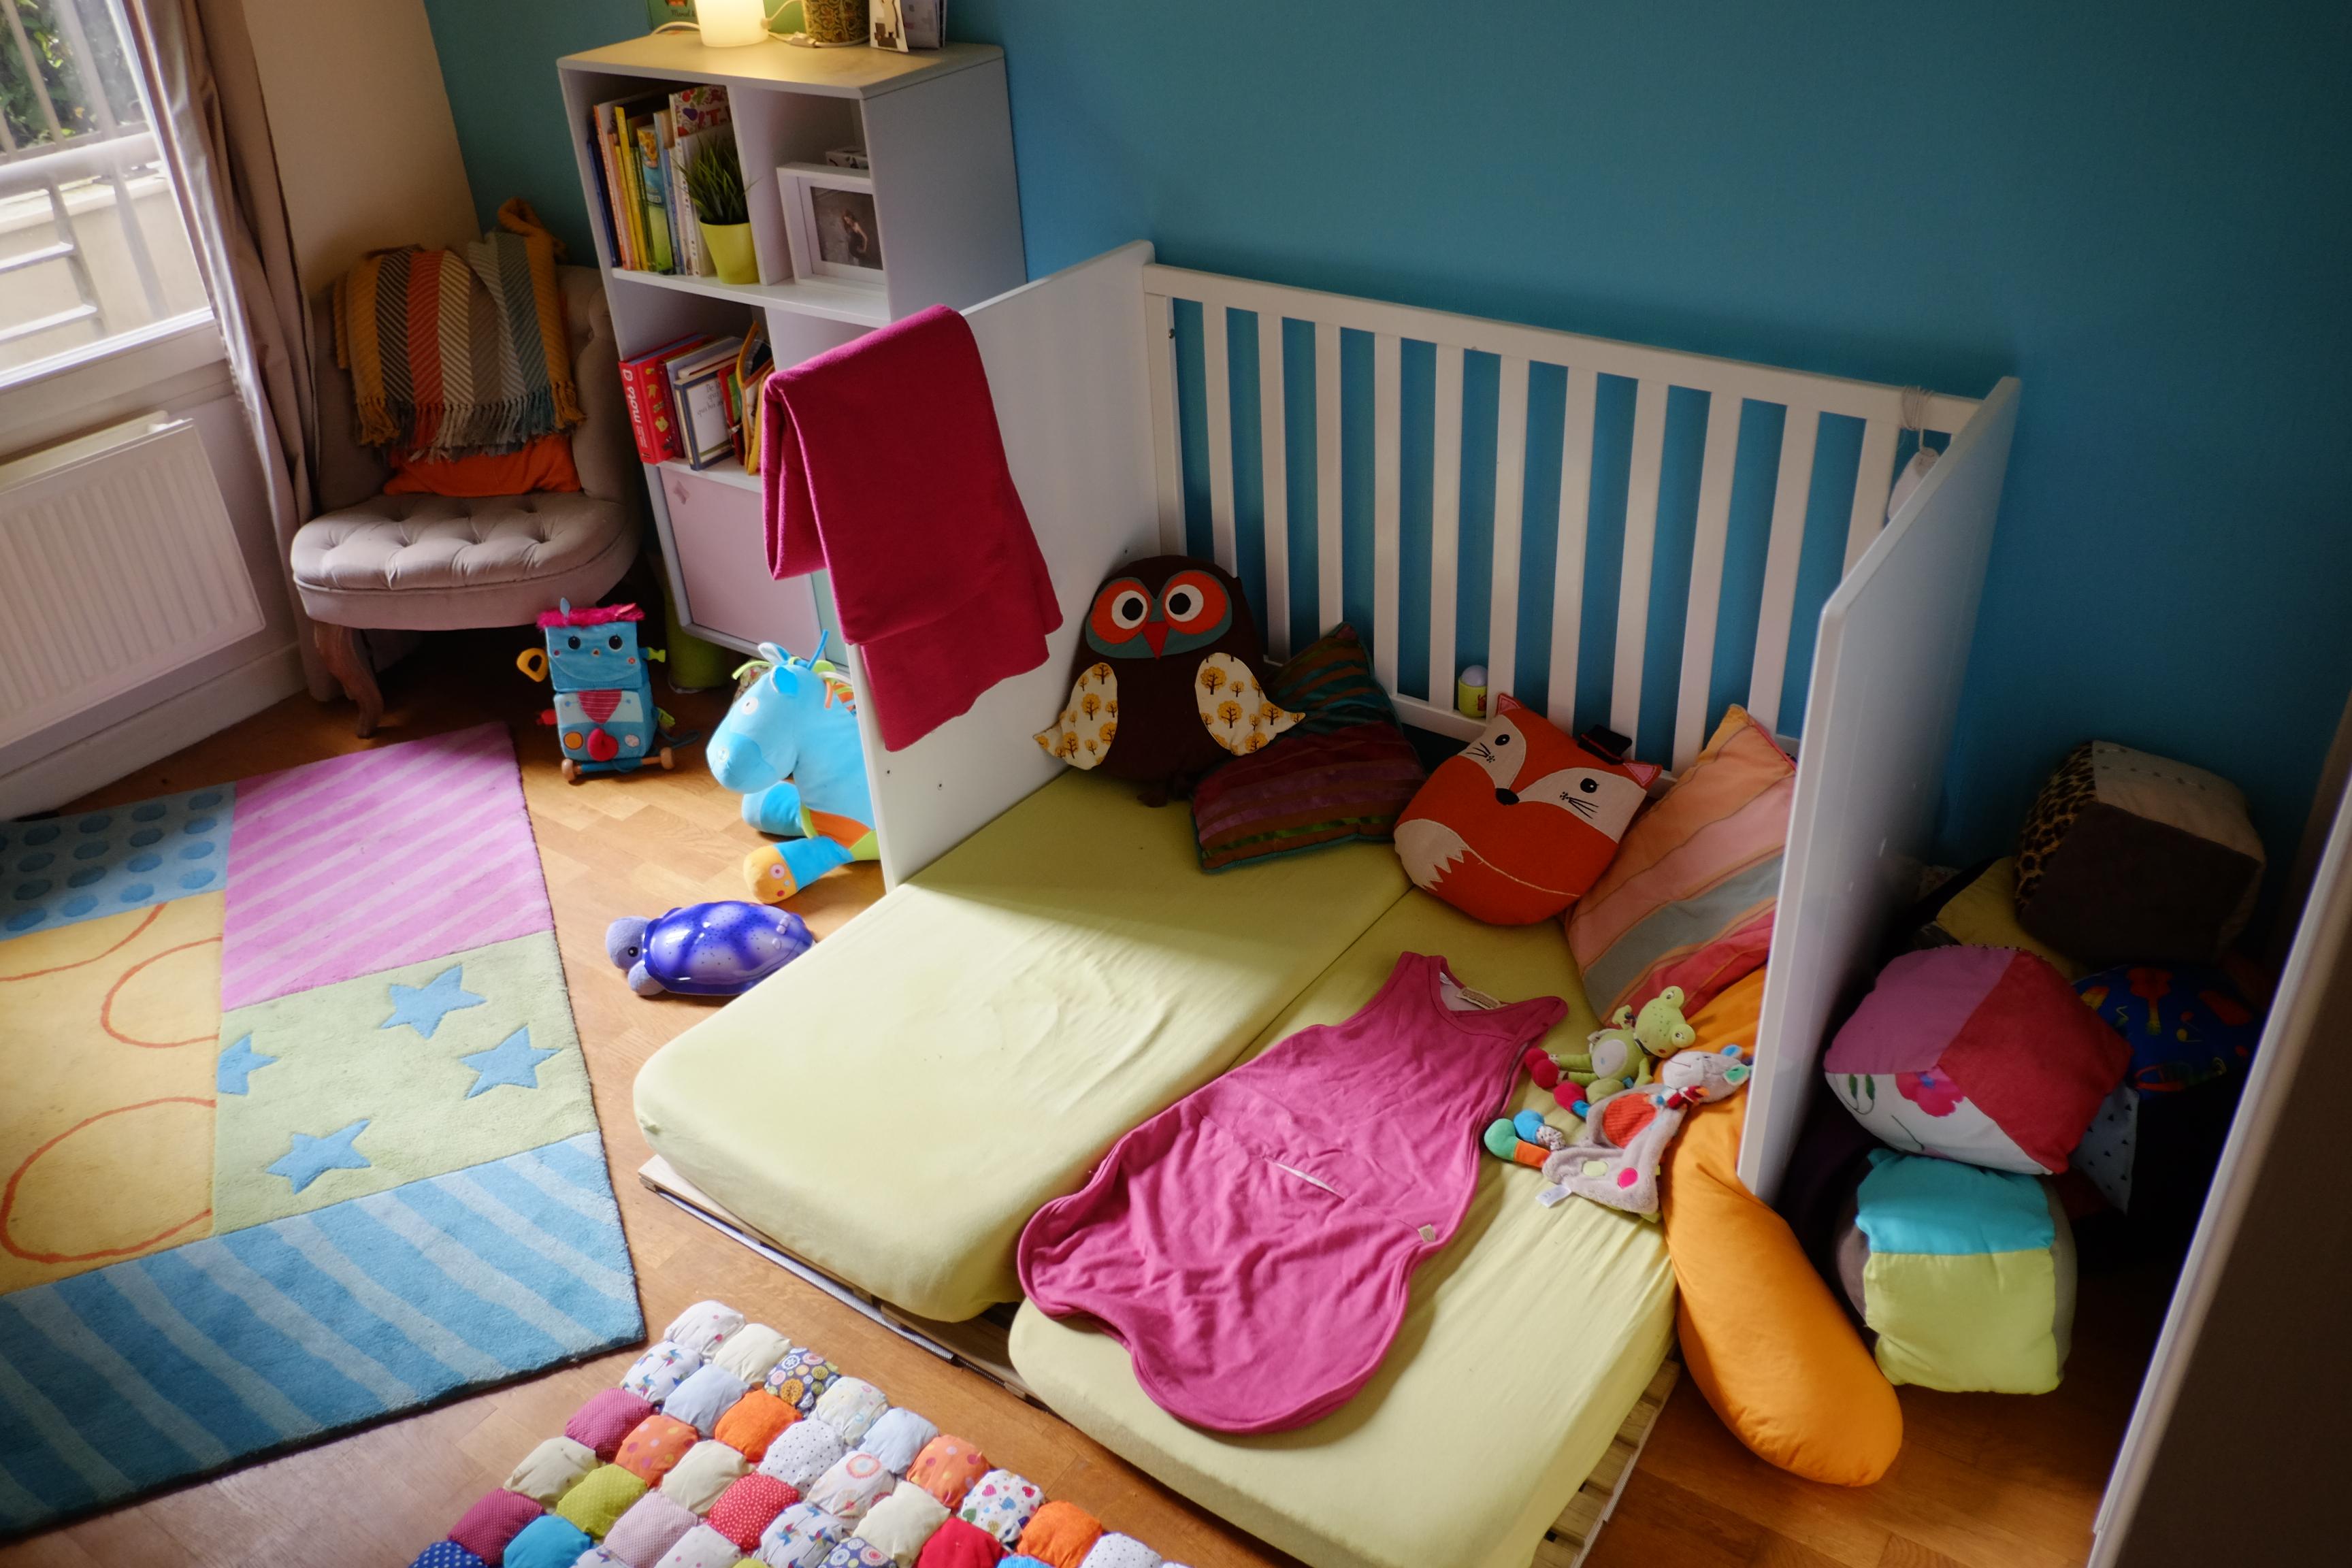 Matelas Au Sol Sommier le lit au sol, retour d'expérience – chut, maman lit !